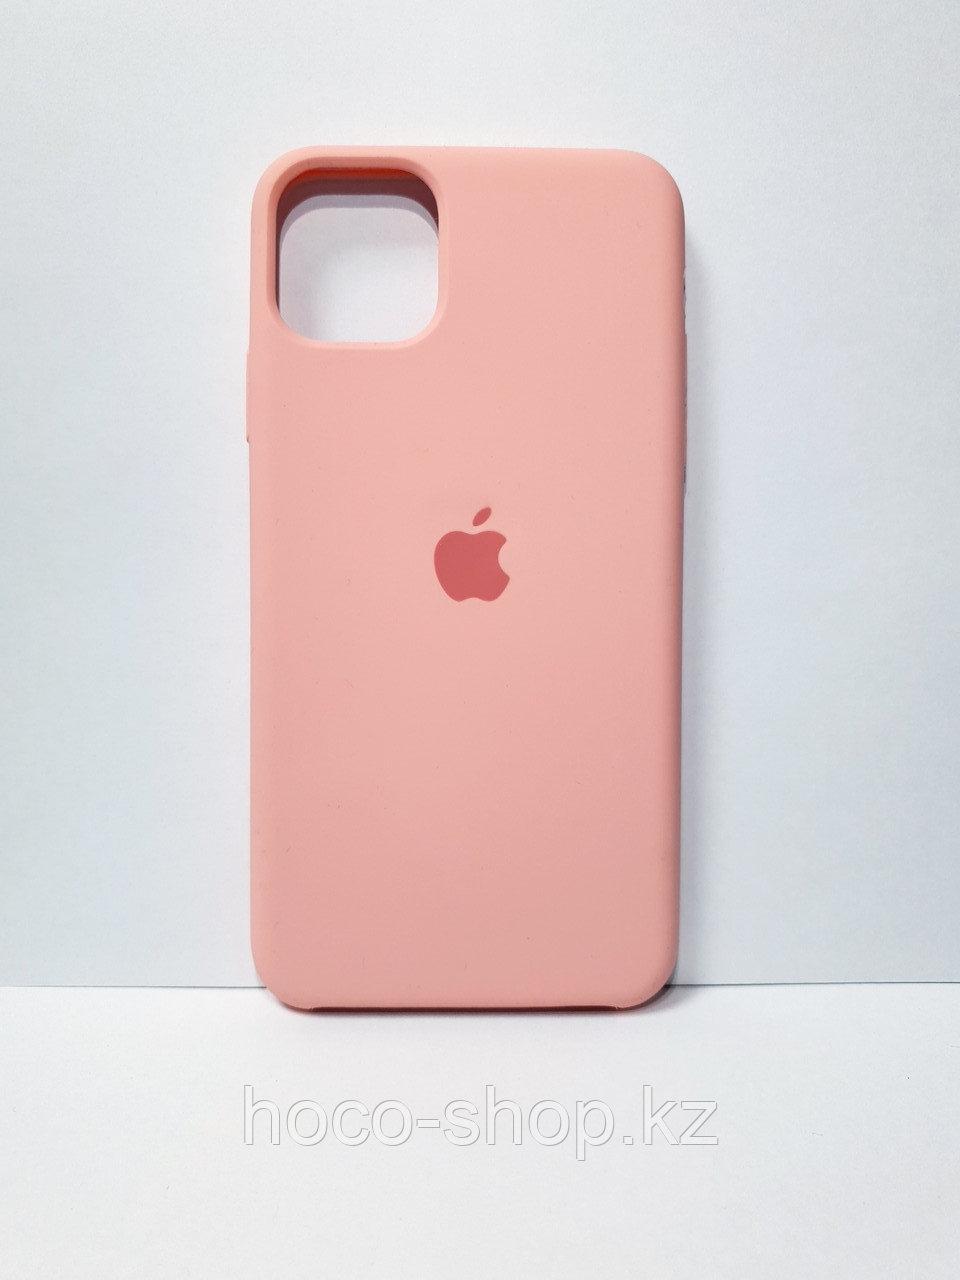 Защитный чехол для iPhone 11 Pro Soft Touch силиконовый, светло-розовый